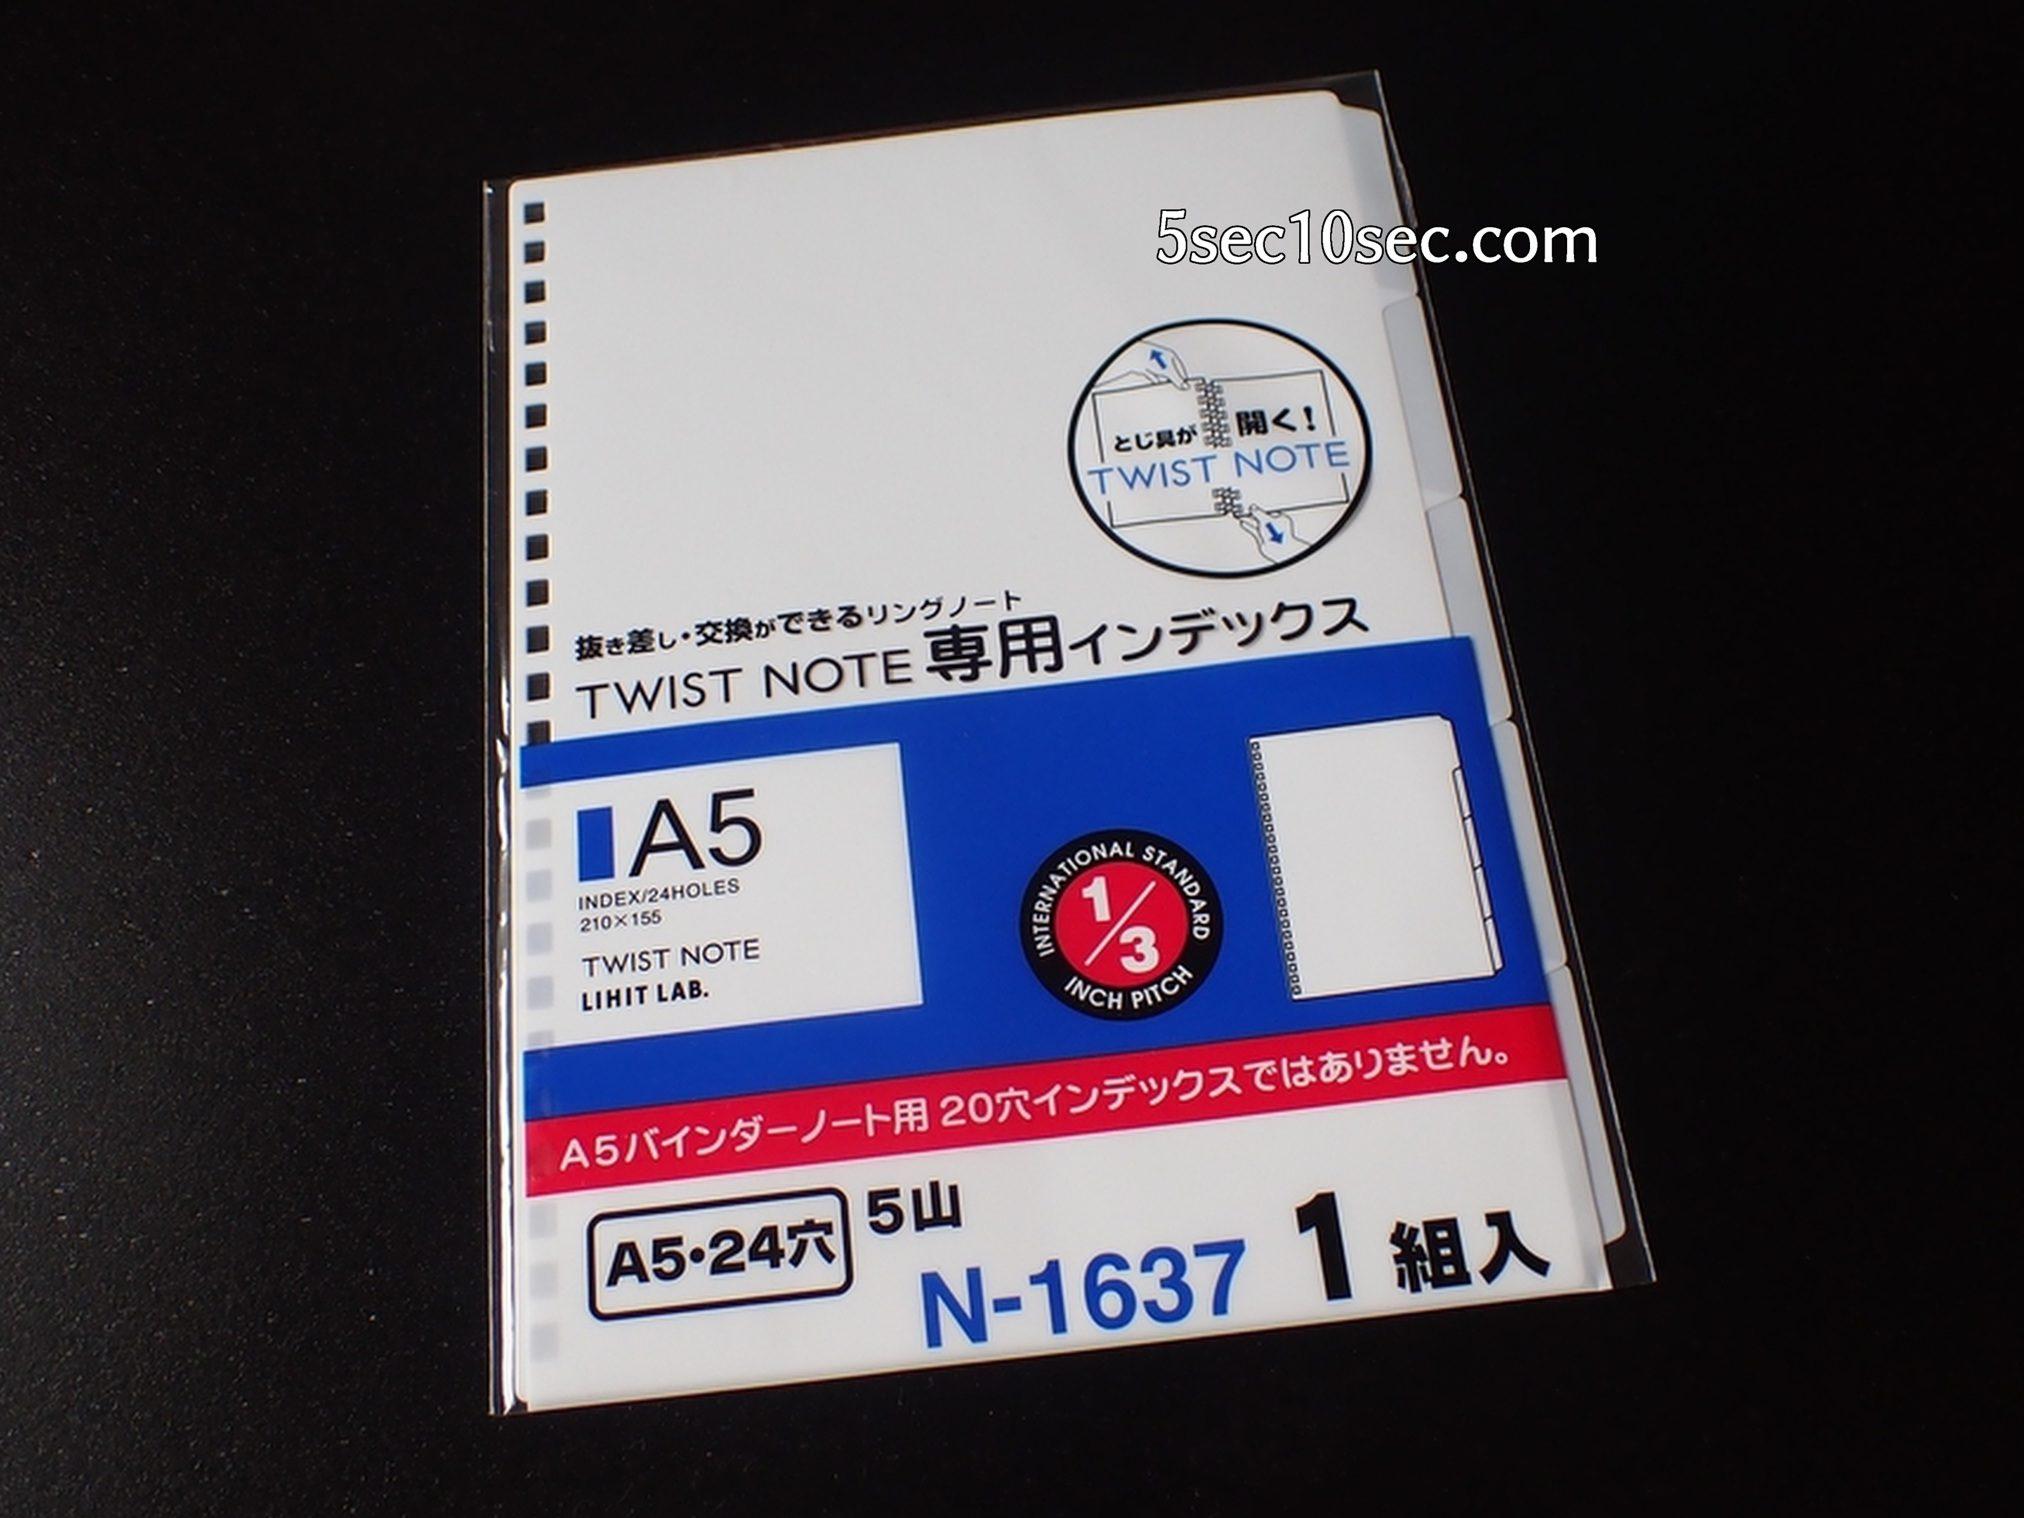 リヒトラブ ツイストノート 専用インデックス A5 24穴 N-1637 パッケージの写真